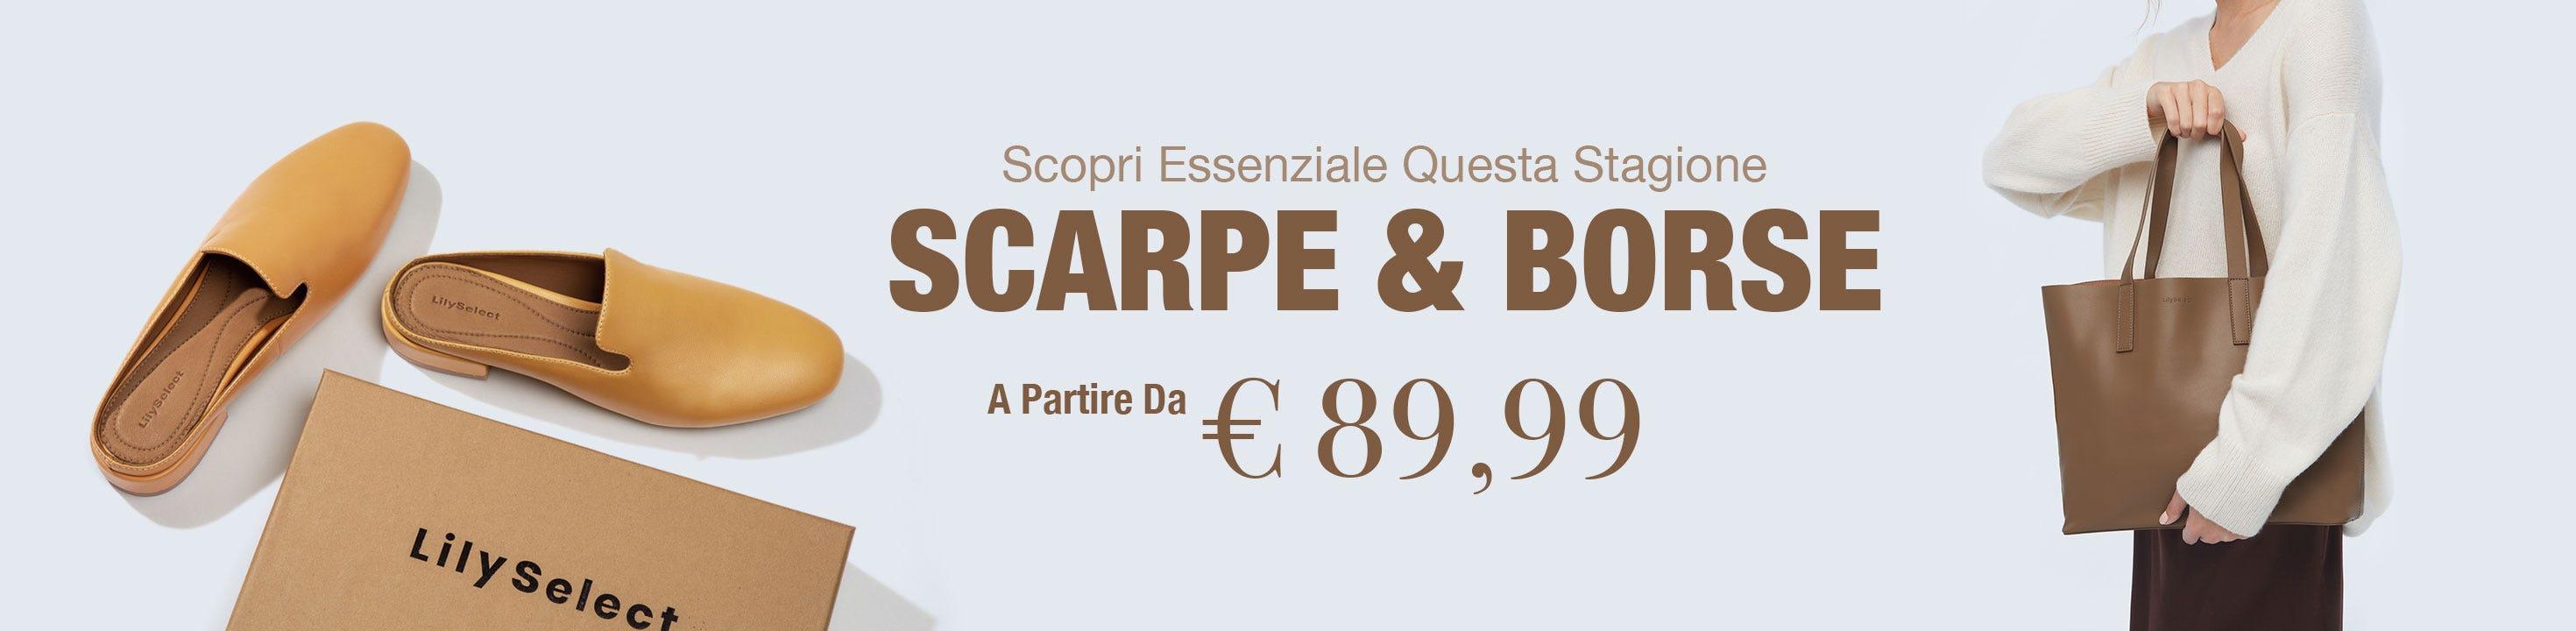 Scarpe & Borse